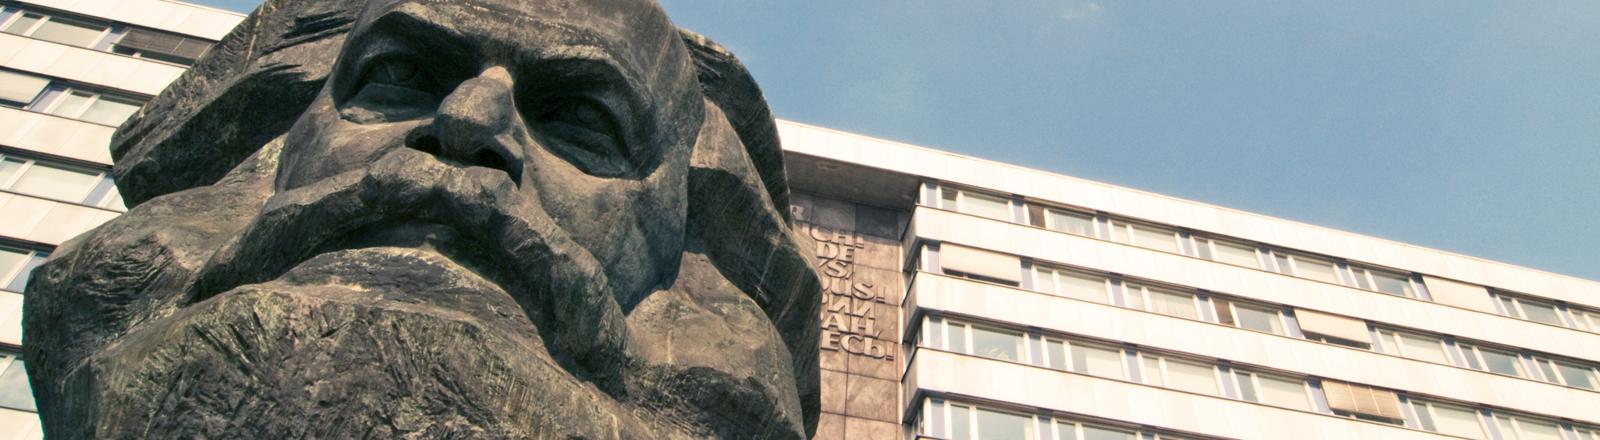 Vor einem Plattenbau steht die Büste von Karl Marx.